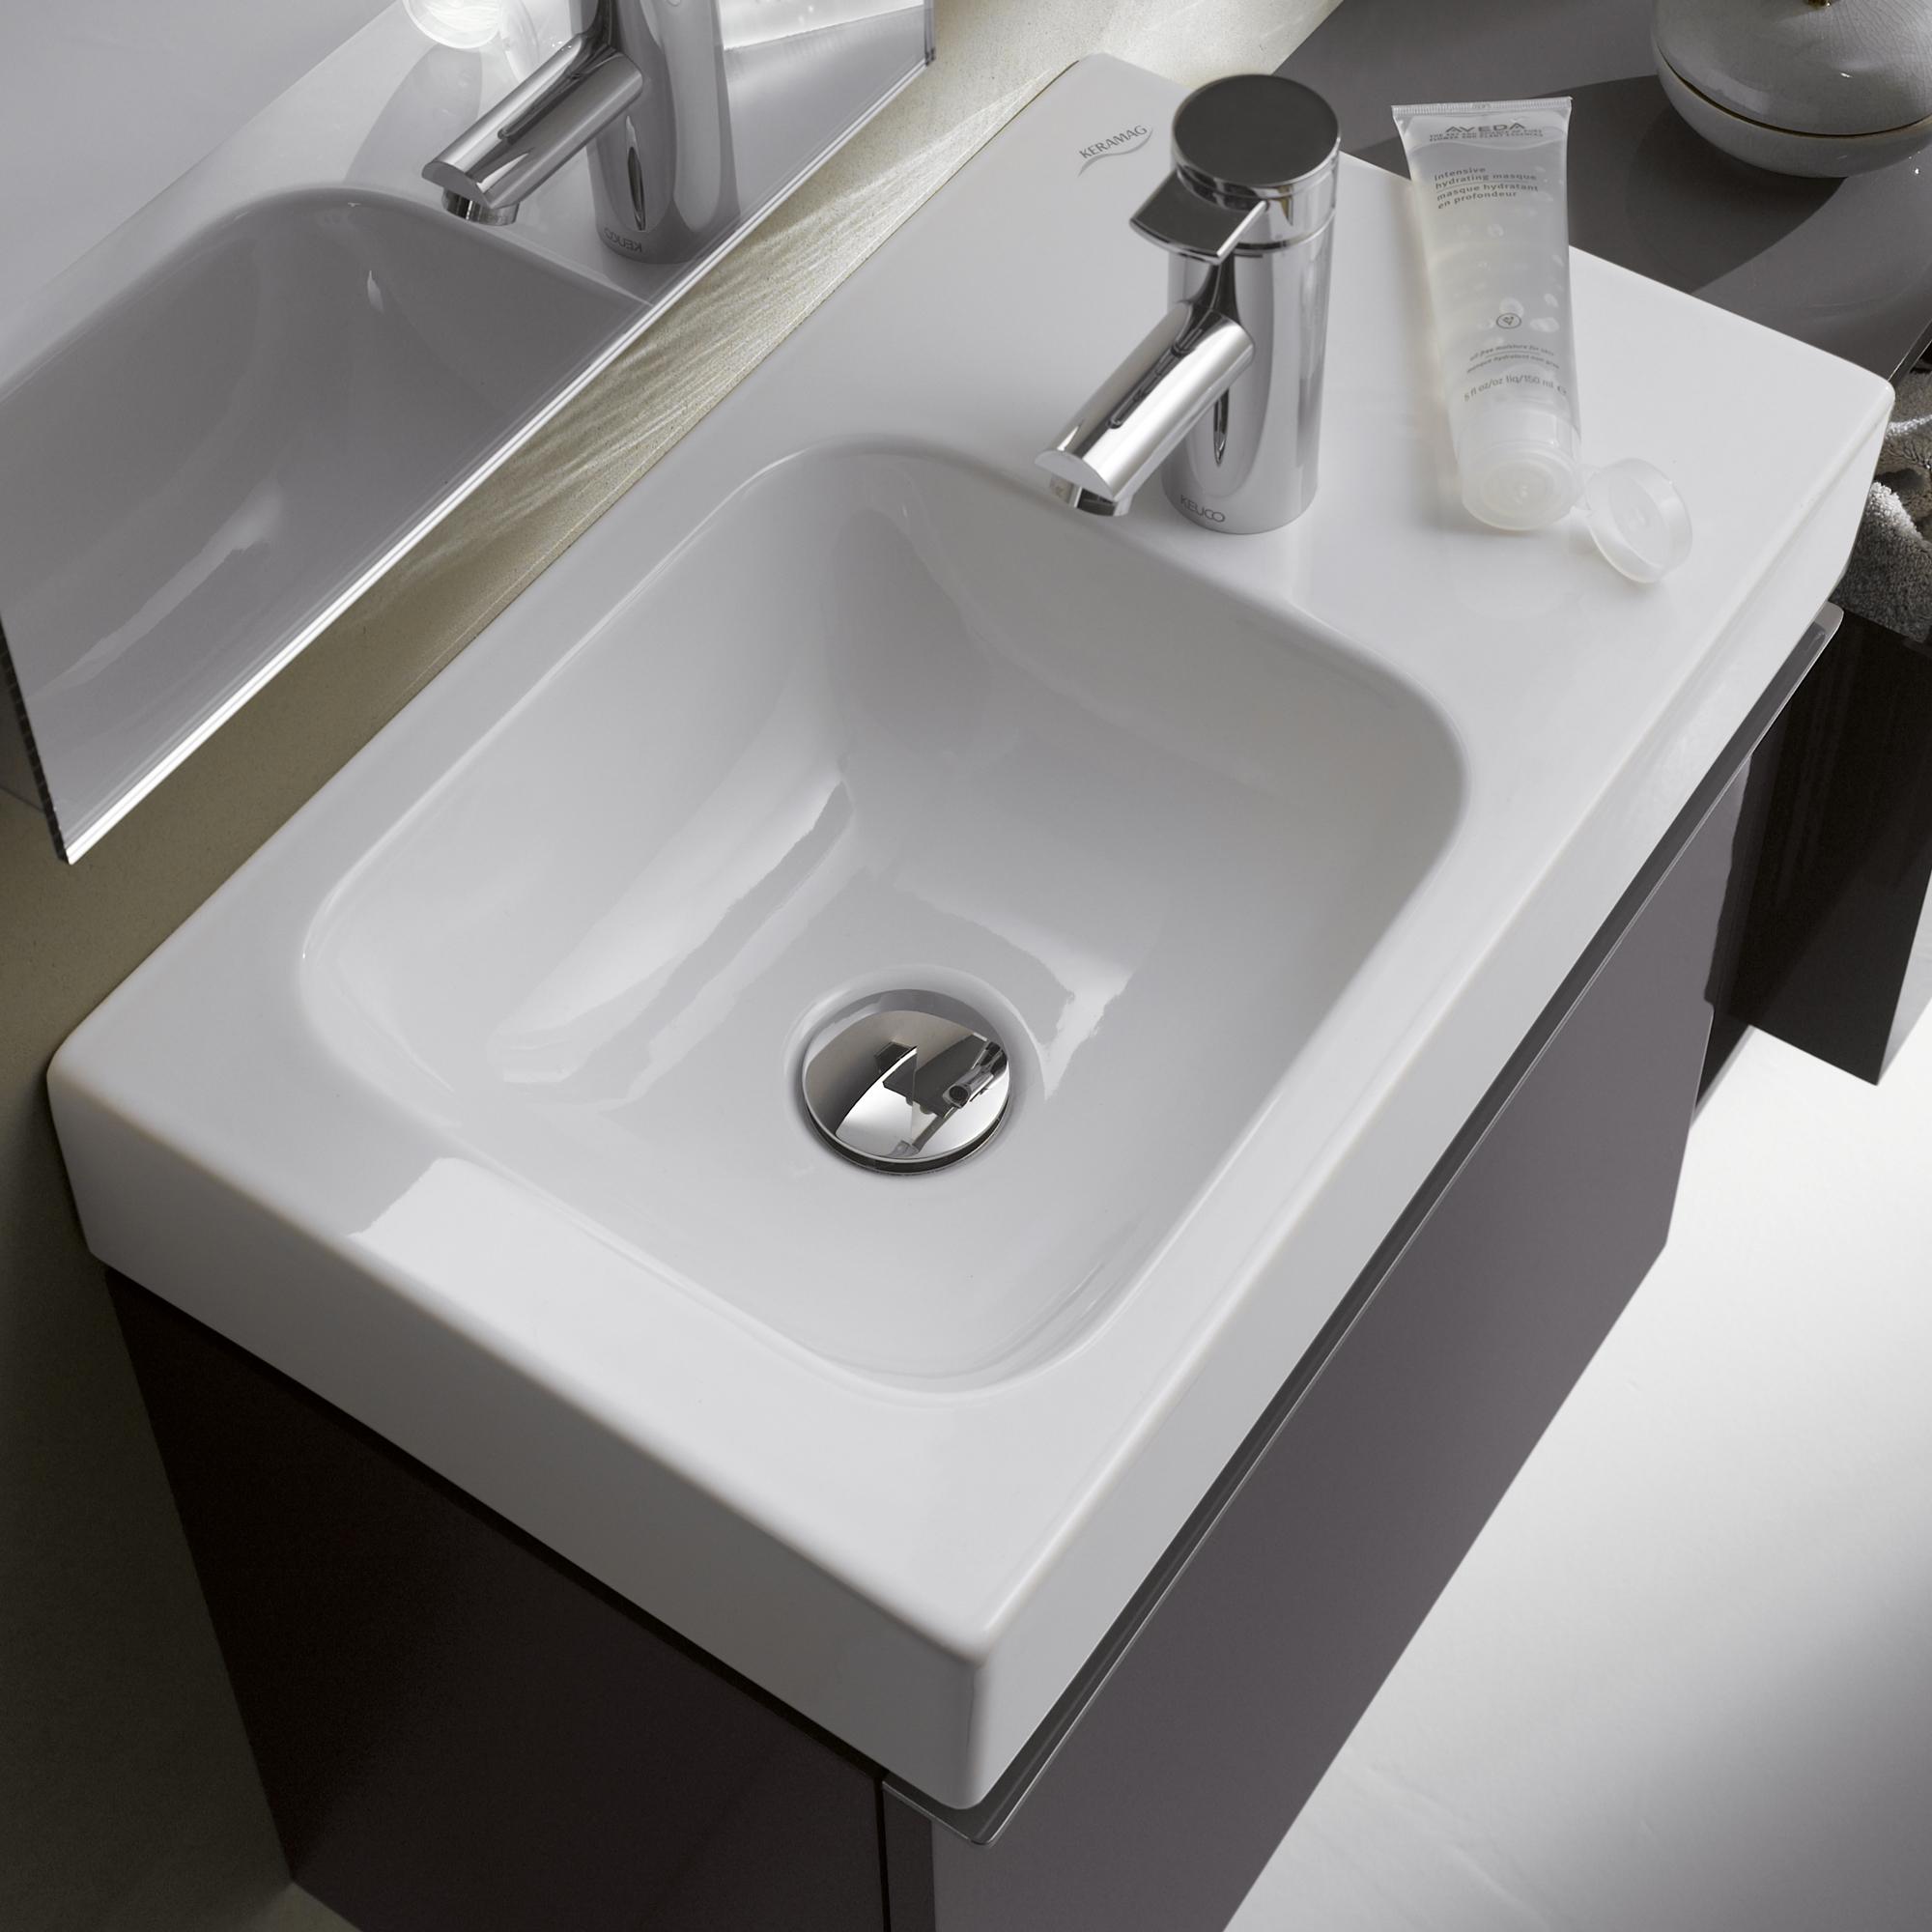 Keramag icon xs handwaschbecken wei 124053000 reuter onlineshop - Keramag waschbecken icon ...